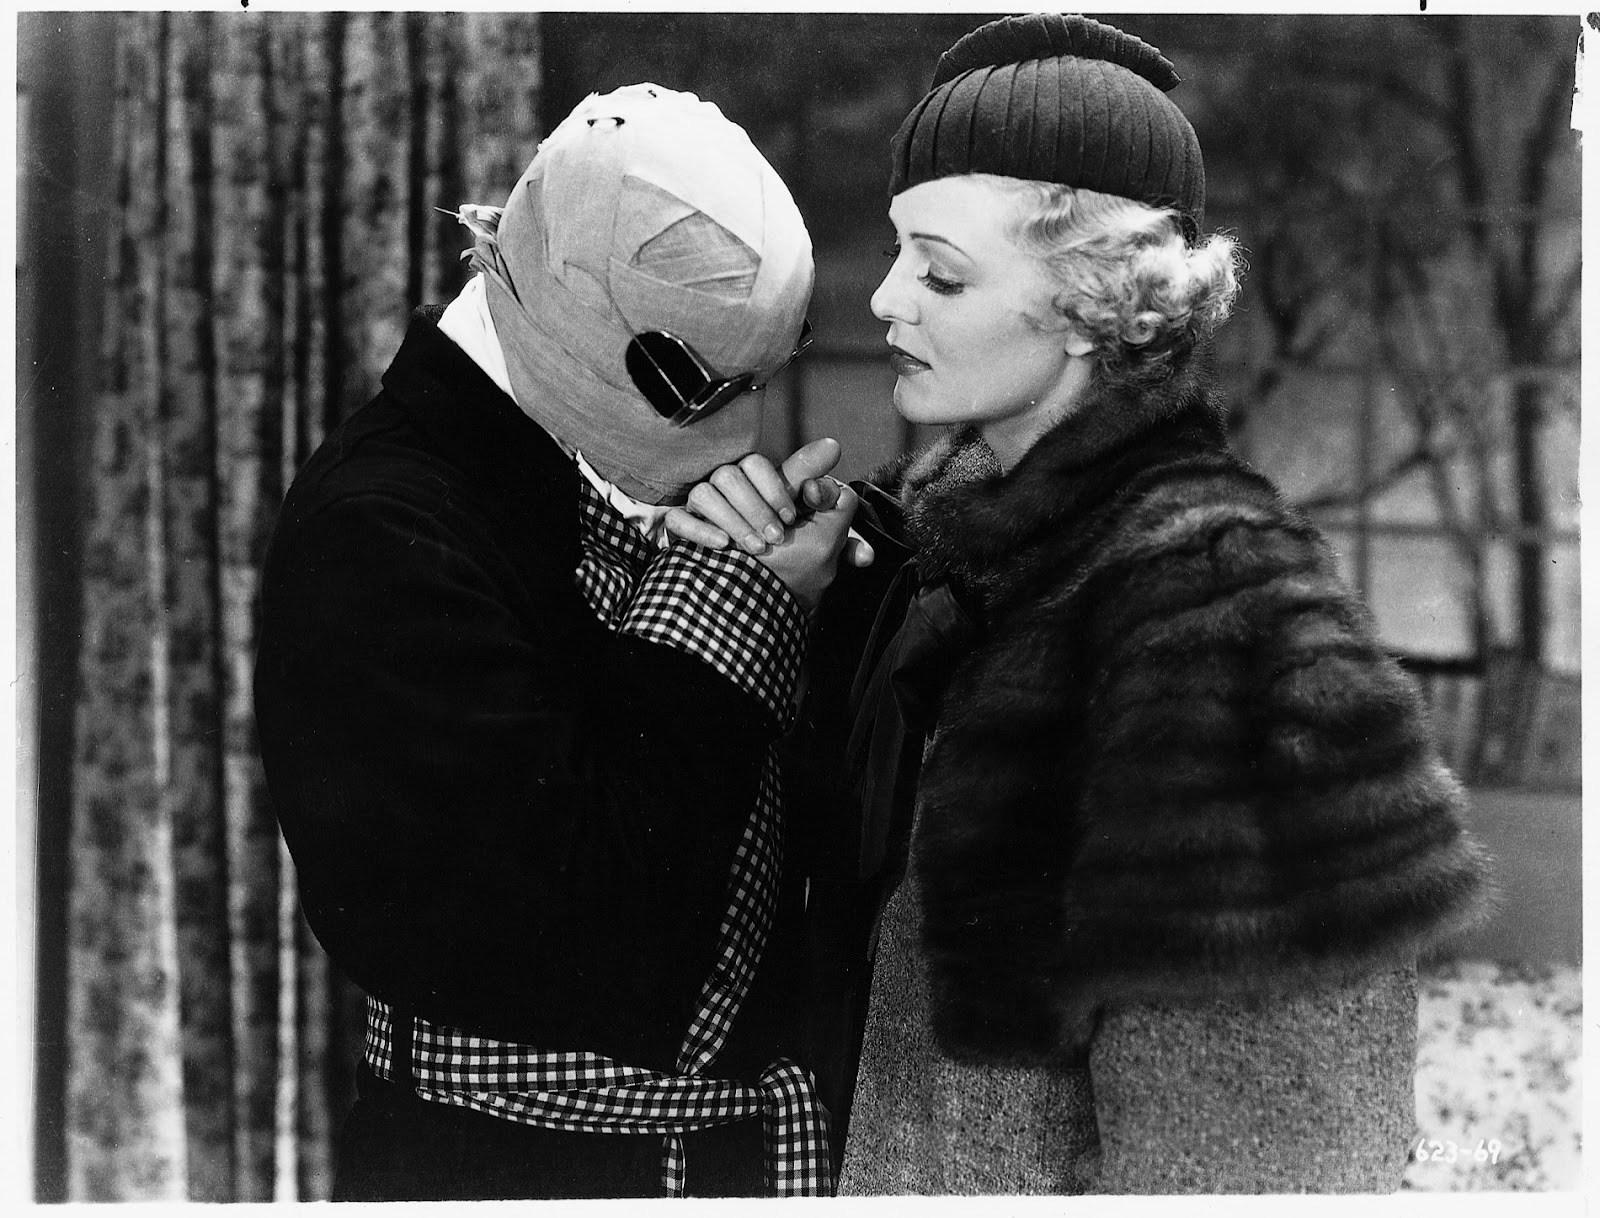 [LUMIÈRE 2016] L'HOMME INVISIBLE (1933)